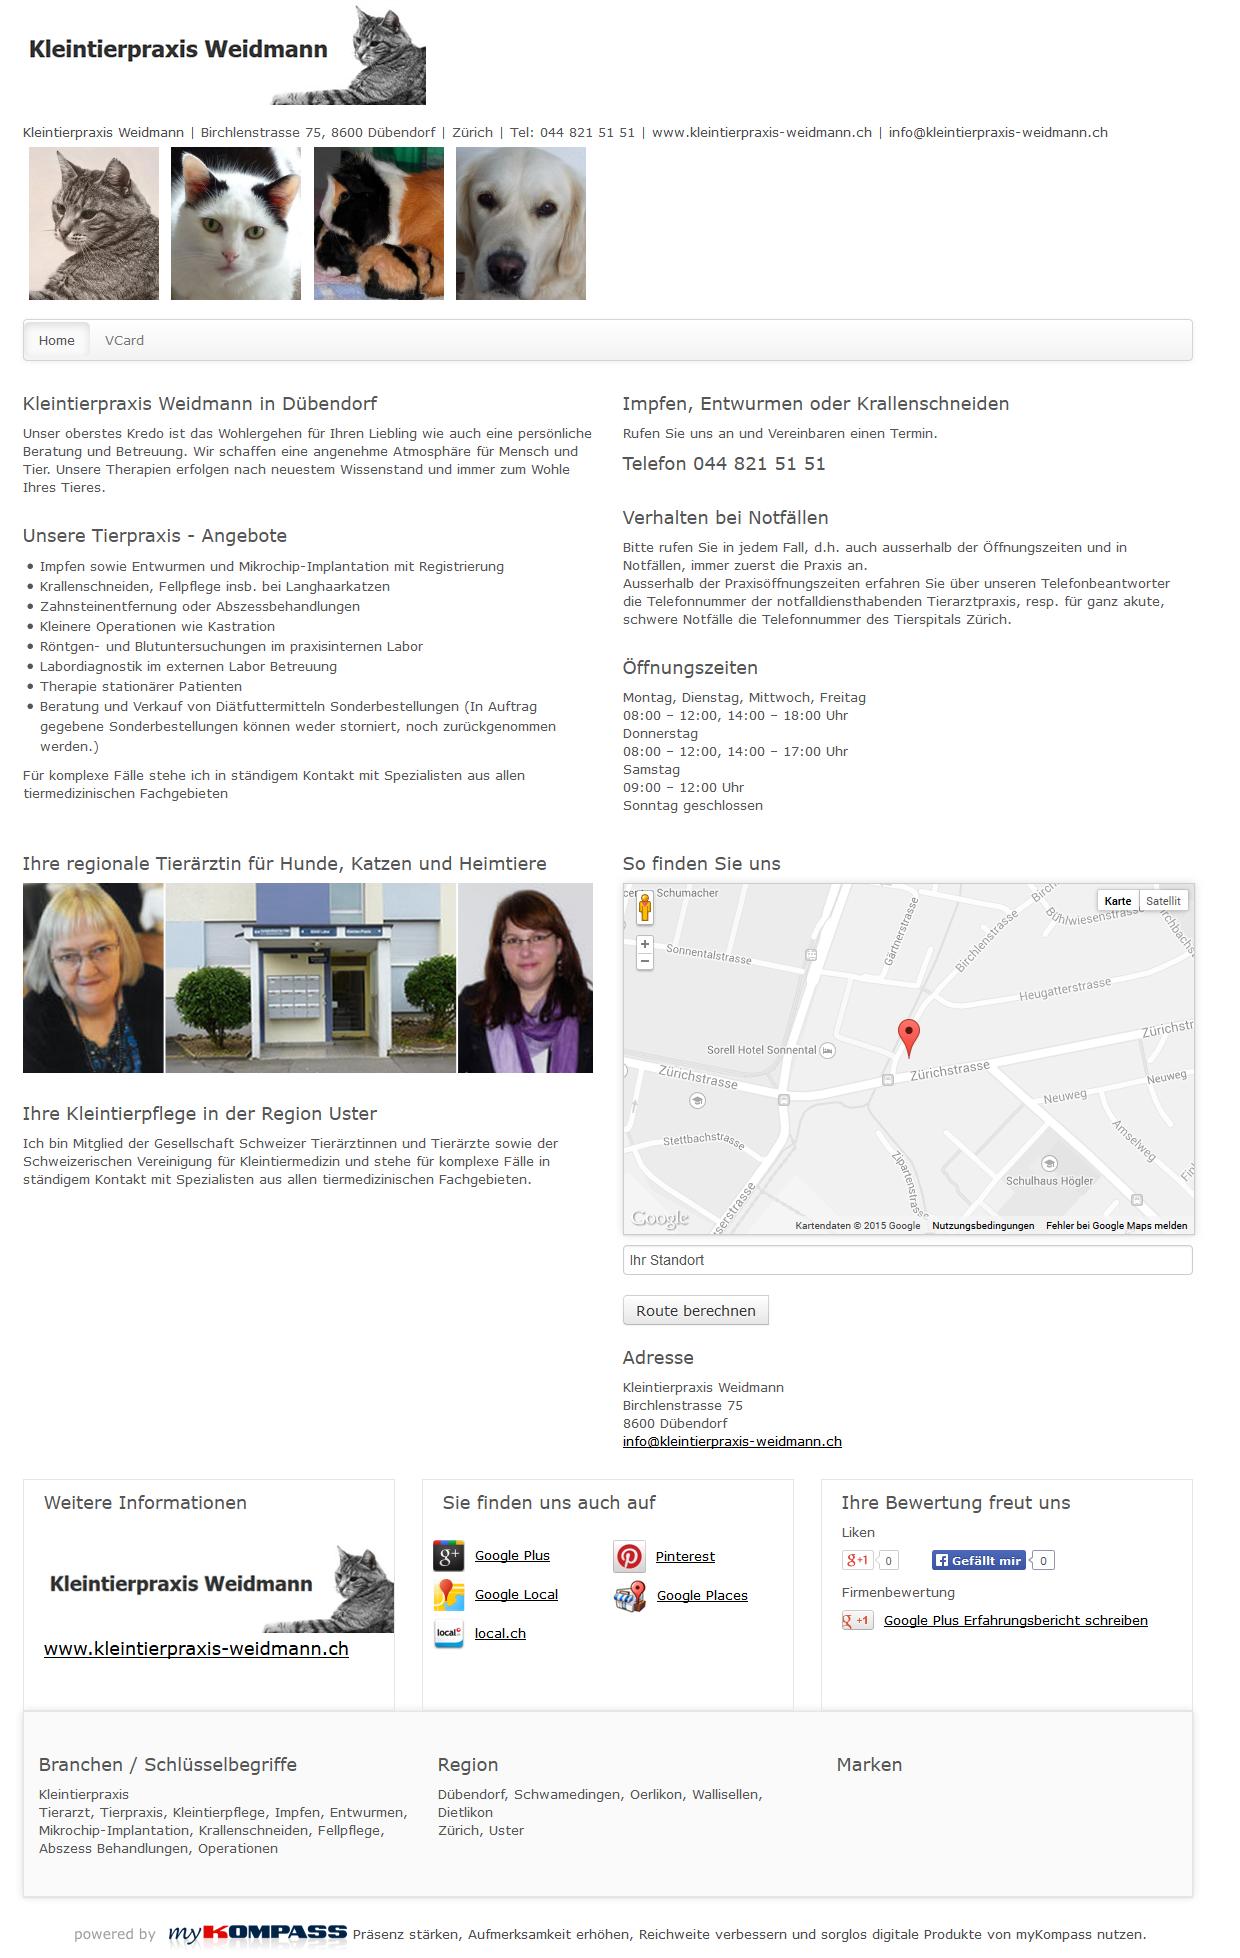 Kleintierpraxis Weidmann, Dübendorf, Tierarzt, Tierpraxis, Kleintierpflege